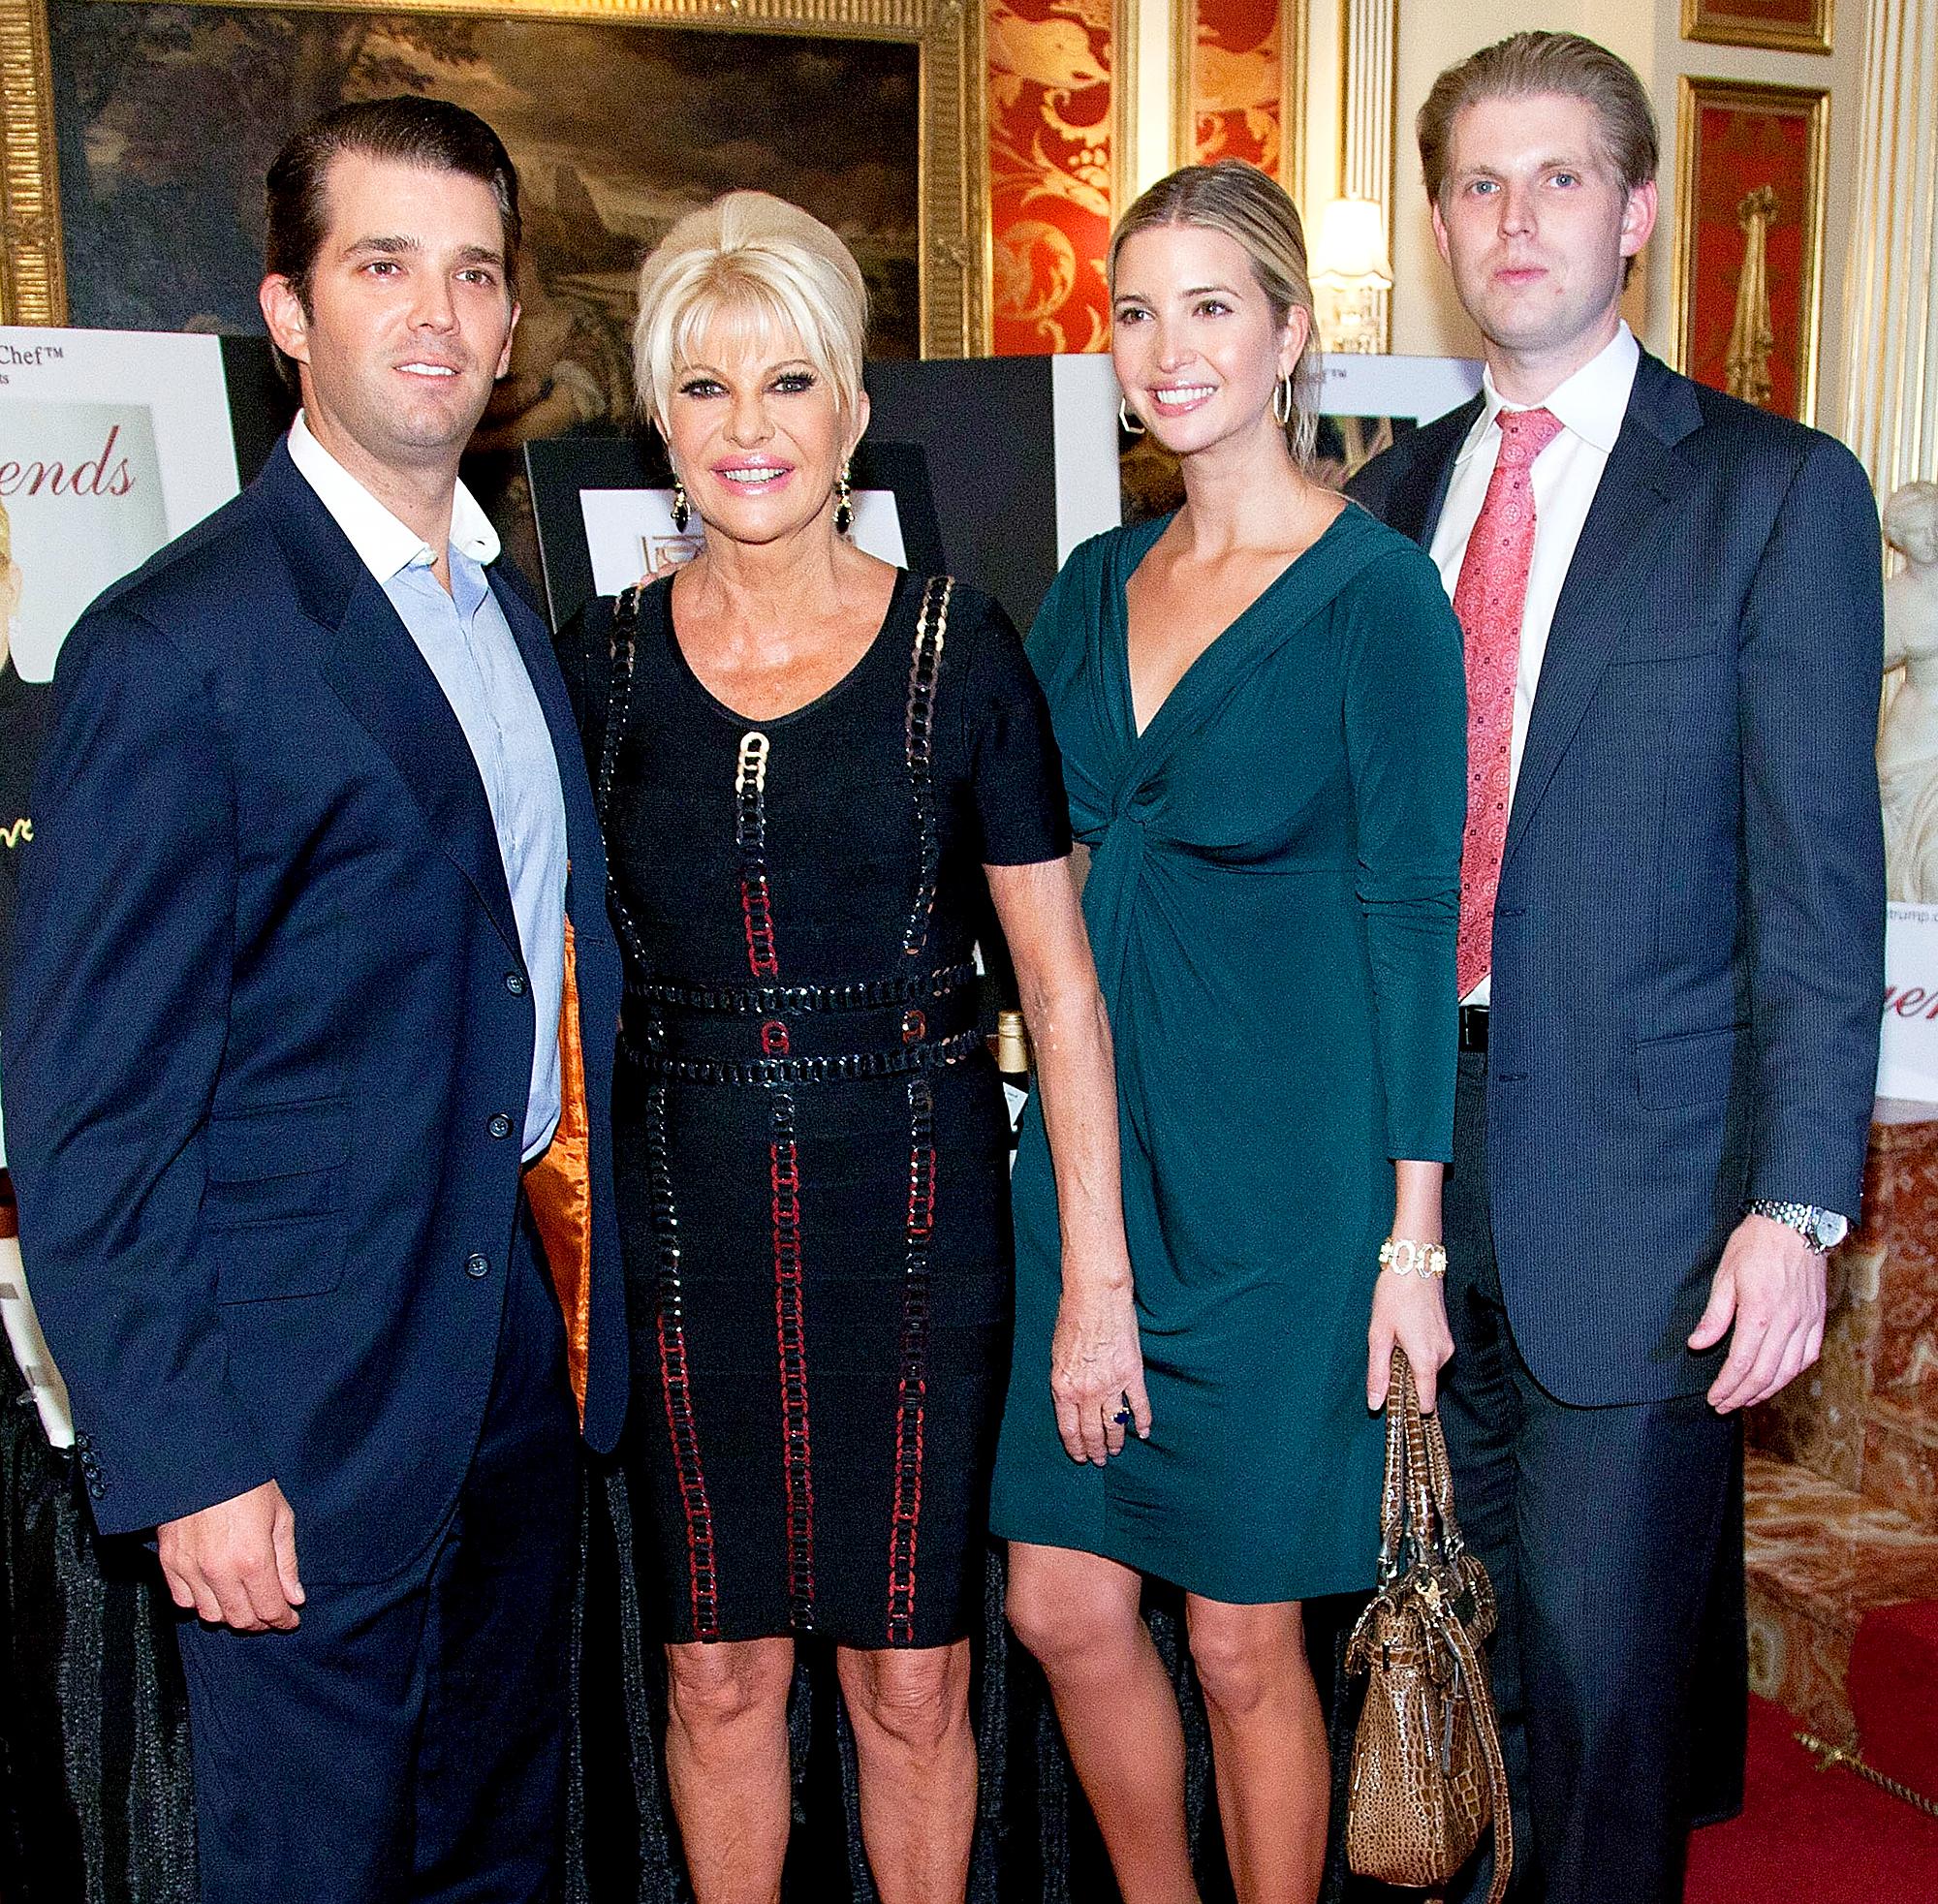 Donald Trump Jr., Ivana Trump, Ivanka Trump and Eric Trump